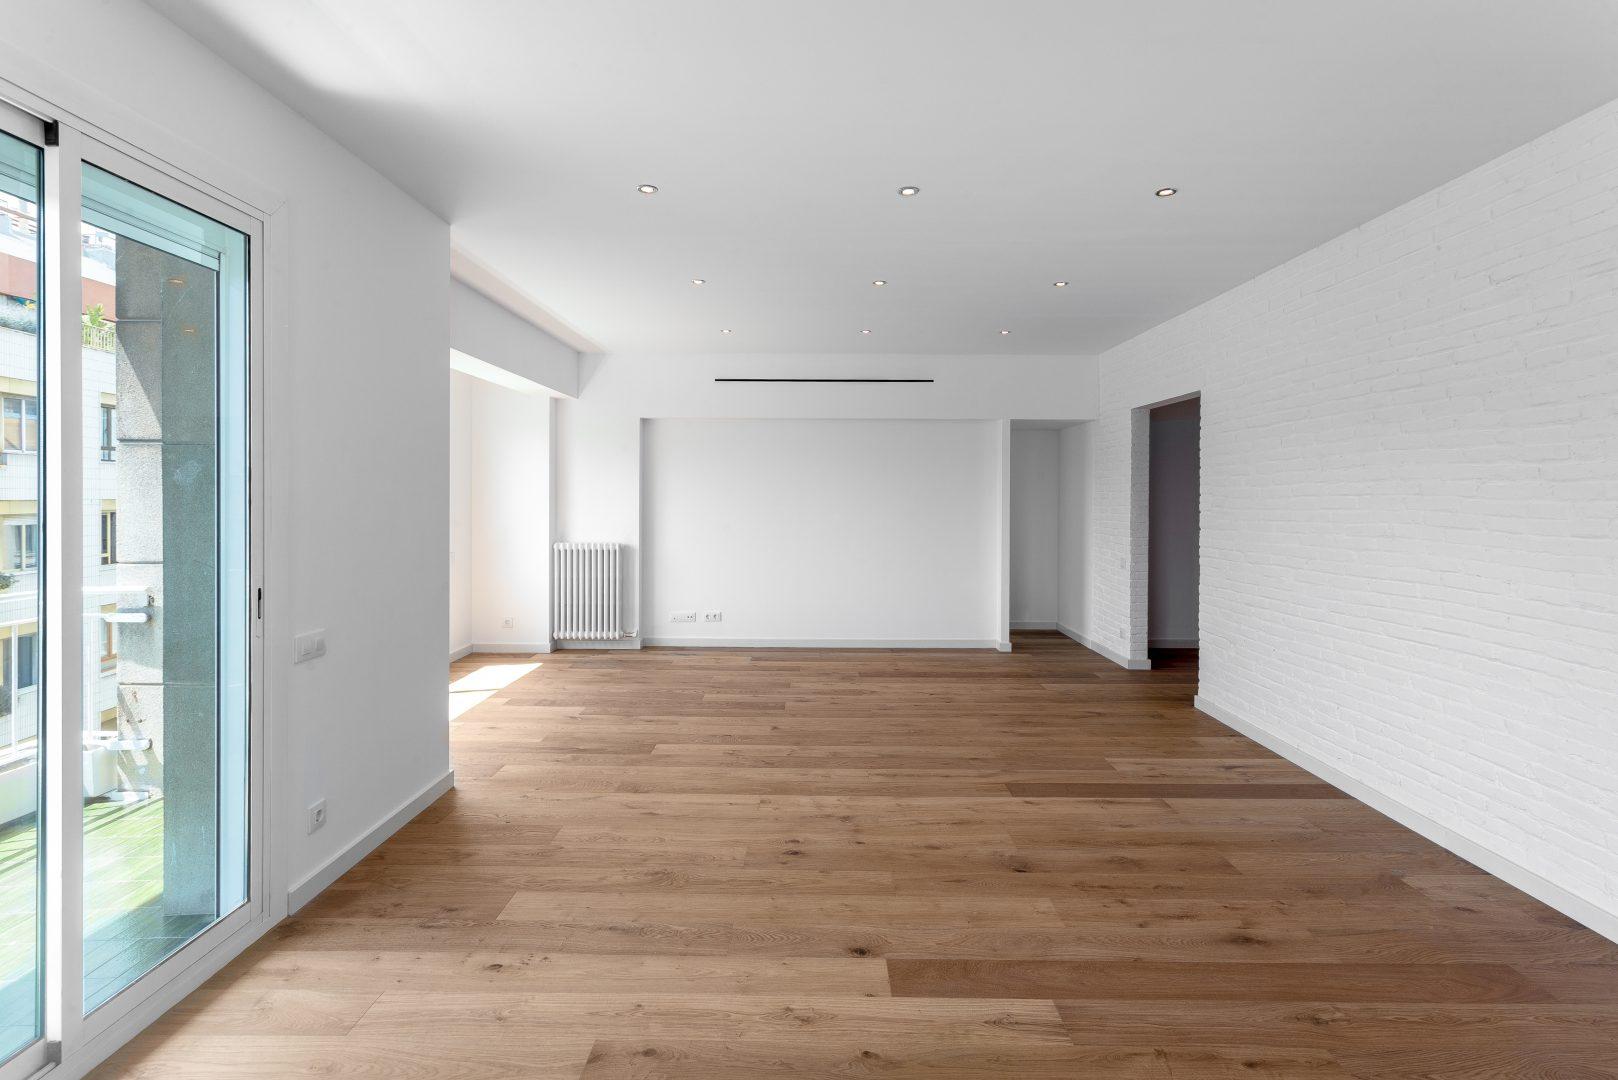 6 opciones para cambiar el suelo en la reforma de tu casa